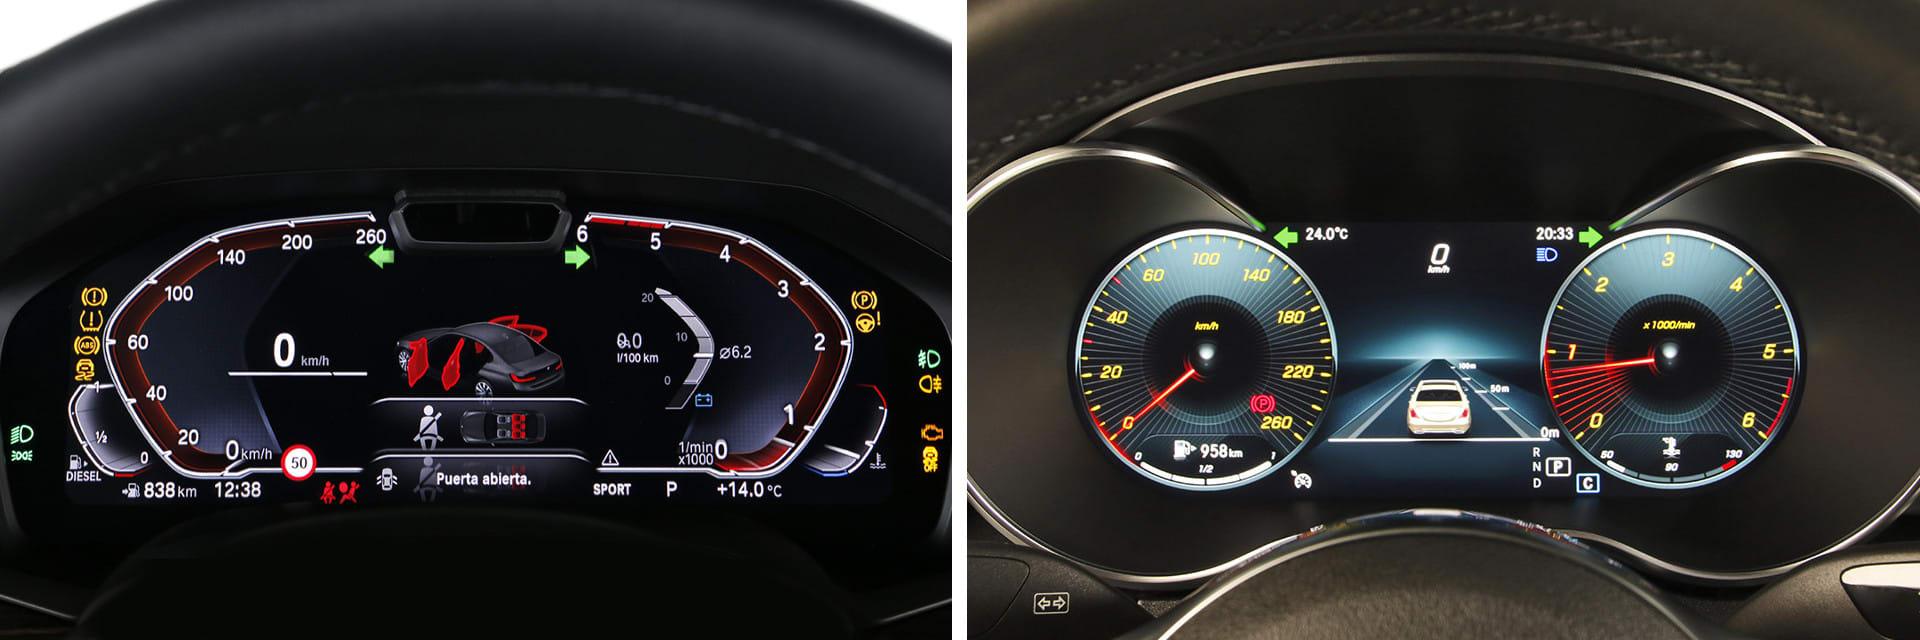 Tanto el BMW Serie 3 (izq.) como el Mercedes-Benz Clase C (dcha.) tienen la posibilidad de tener la instrumentación digital.